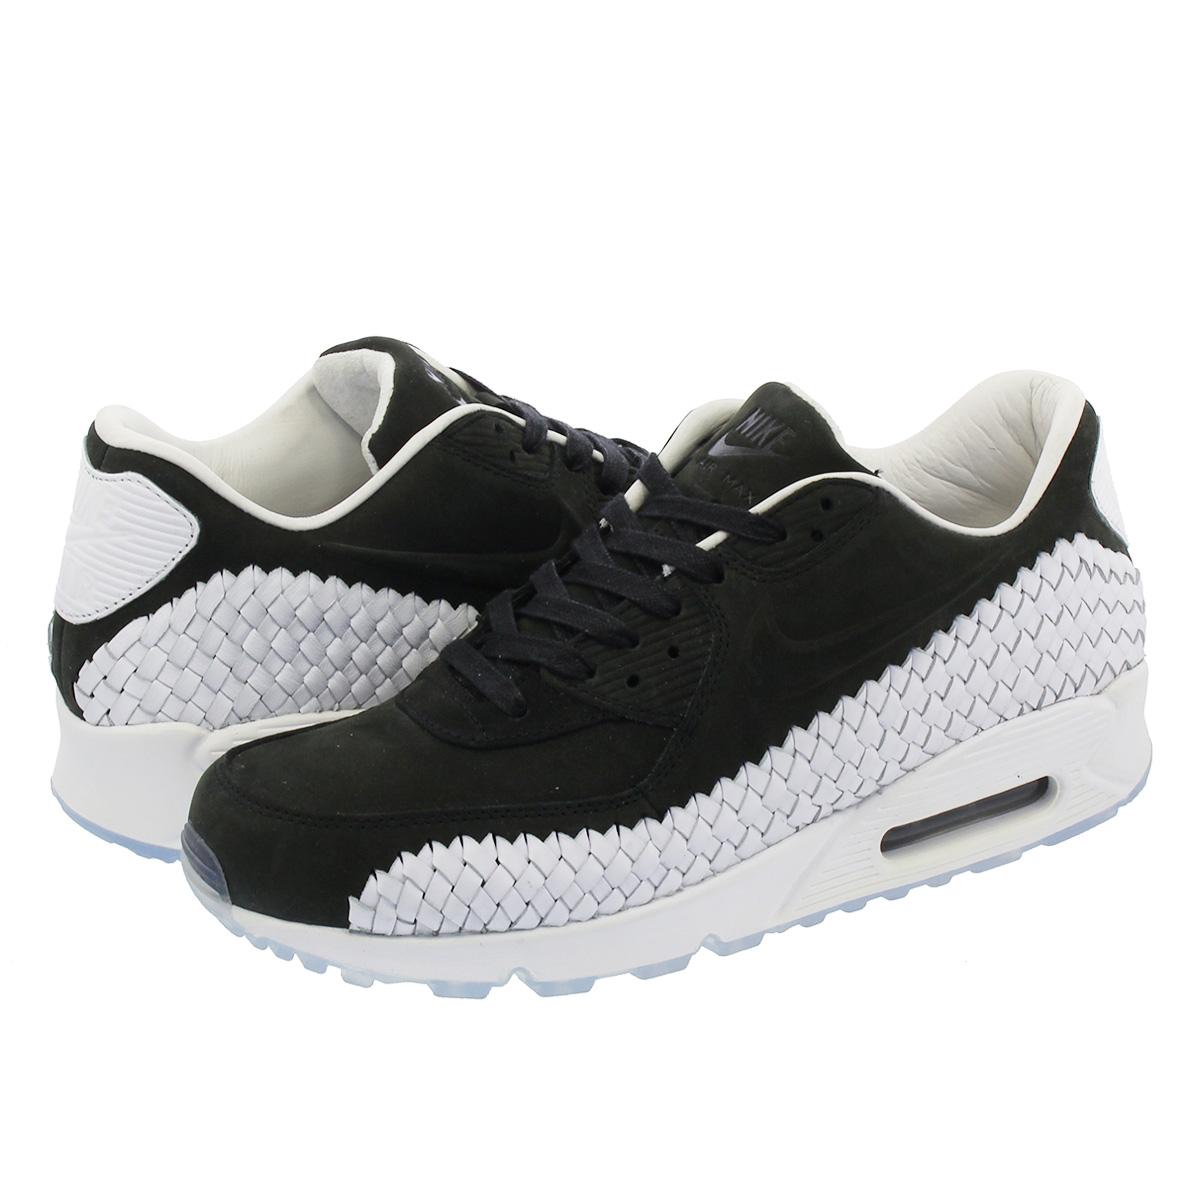 SELECT SHOP LOWTEX  It is grr BLACK WHITE PURE PLATINUM 833 ec434fae8